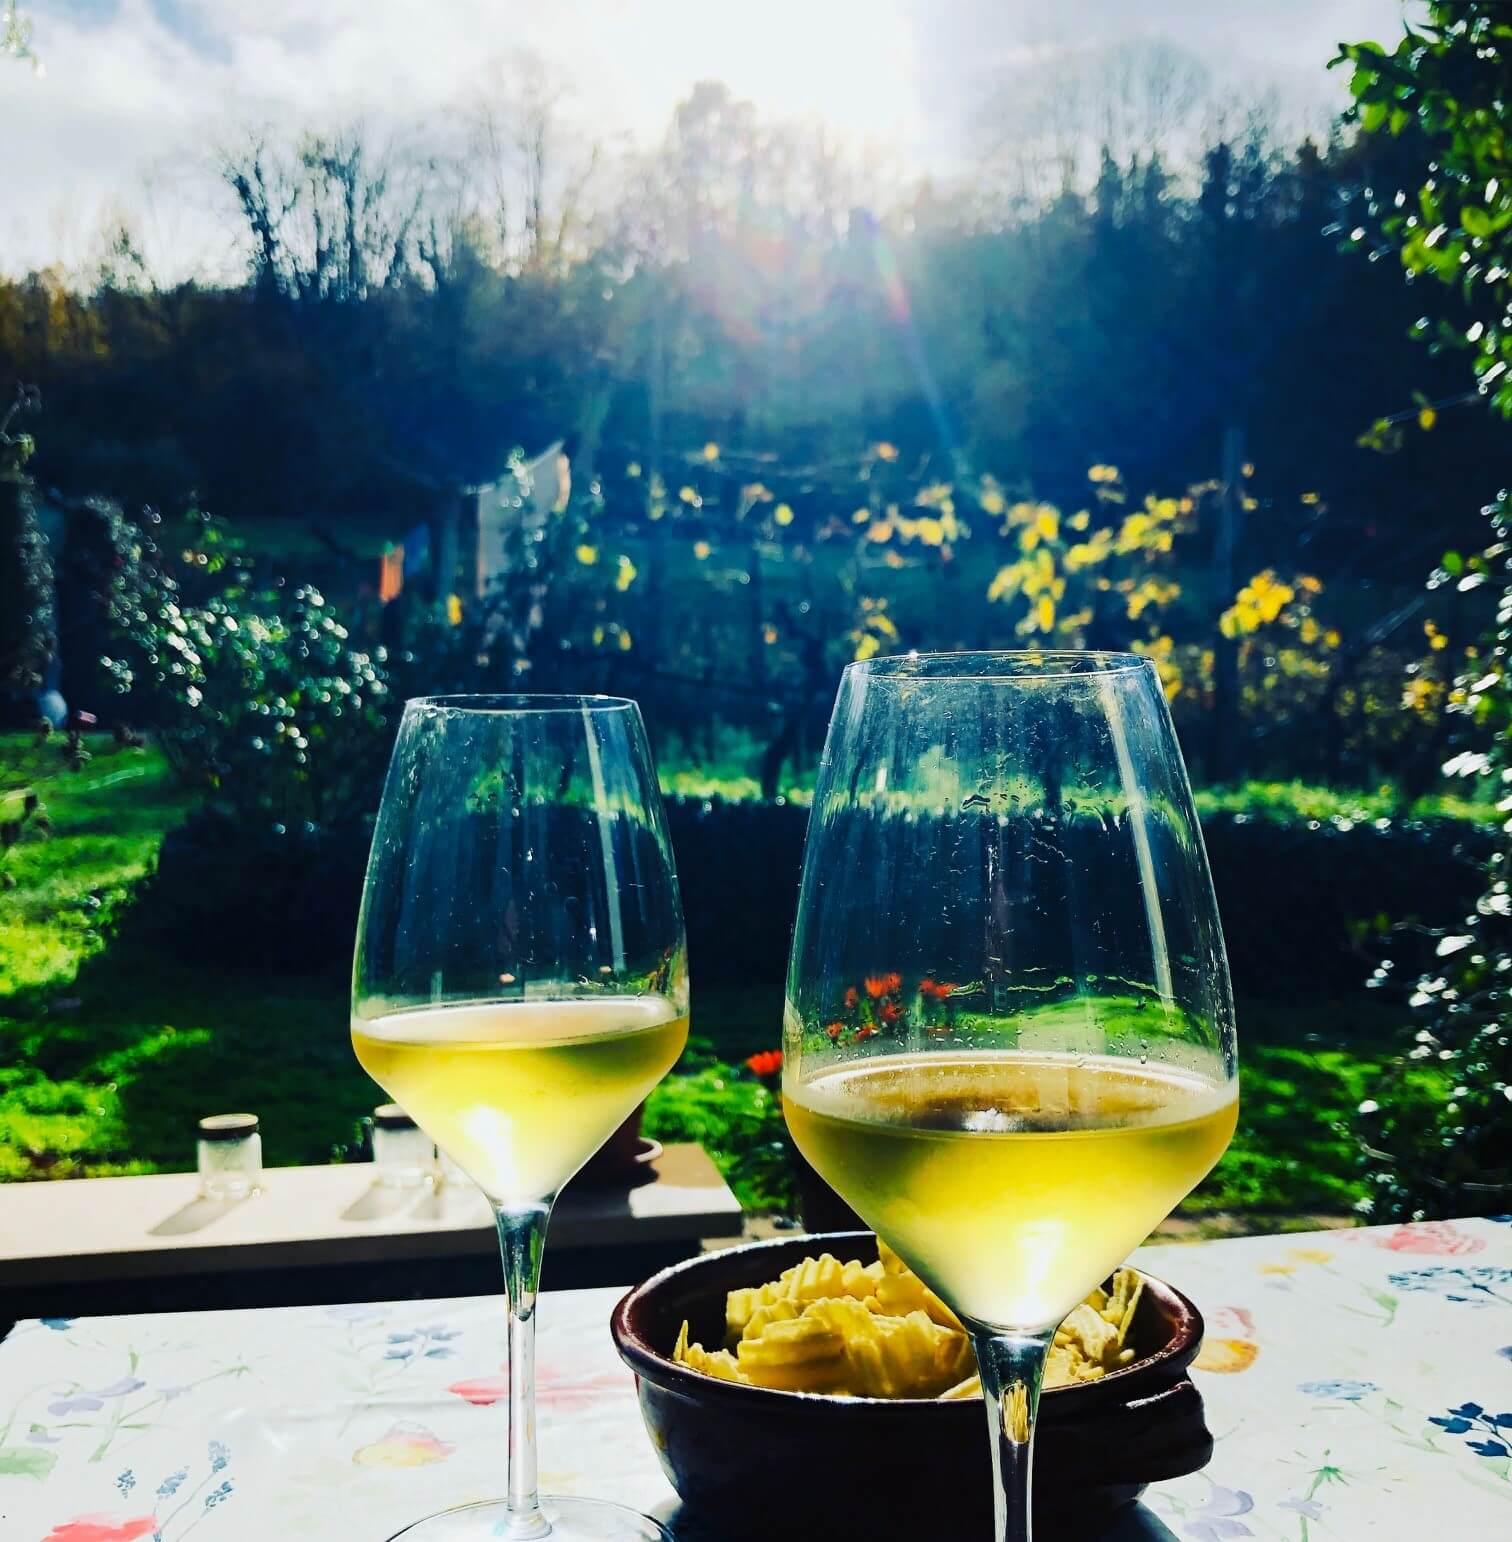 Vakker tid for arbeid med vin og bunnfall